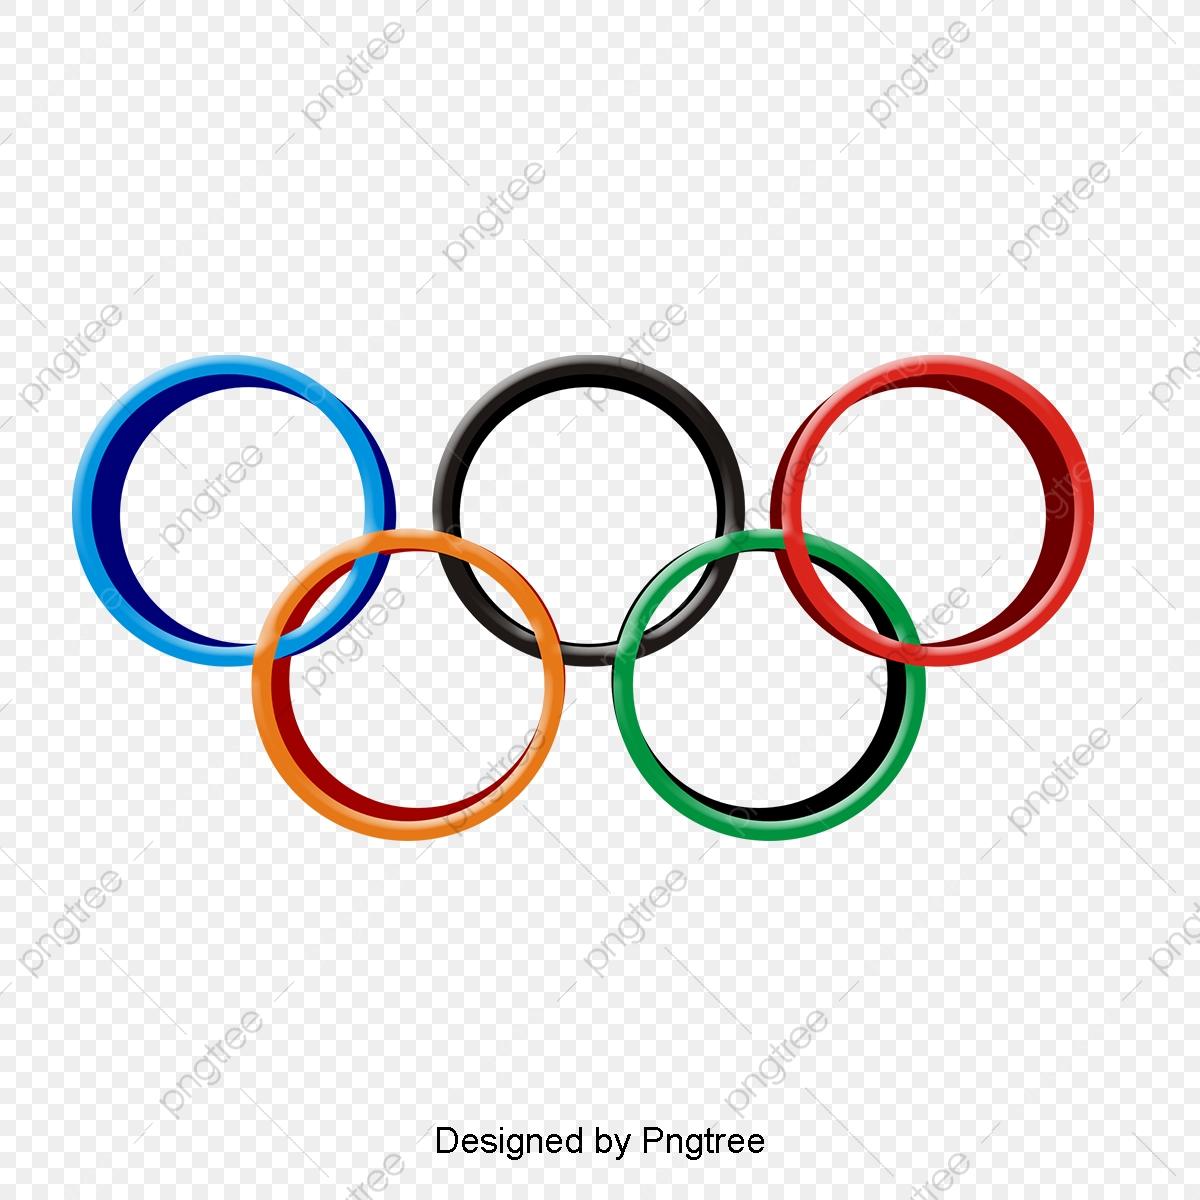 Los Anillos Olímpicos, Juegos Olímpicos, Anillos, Mark Archivo PNG y.